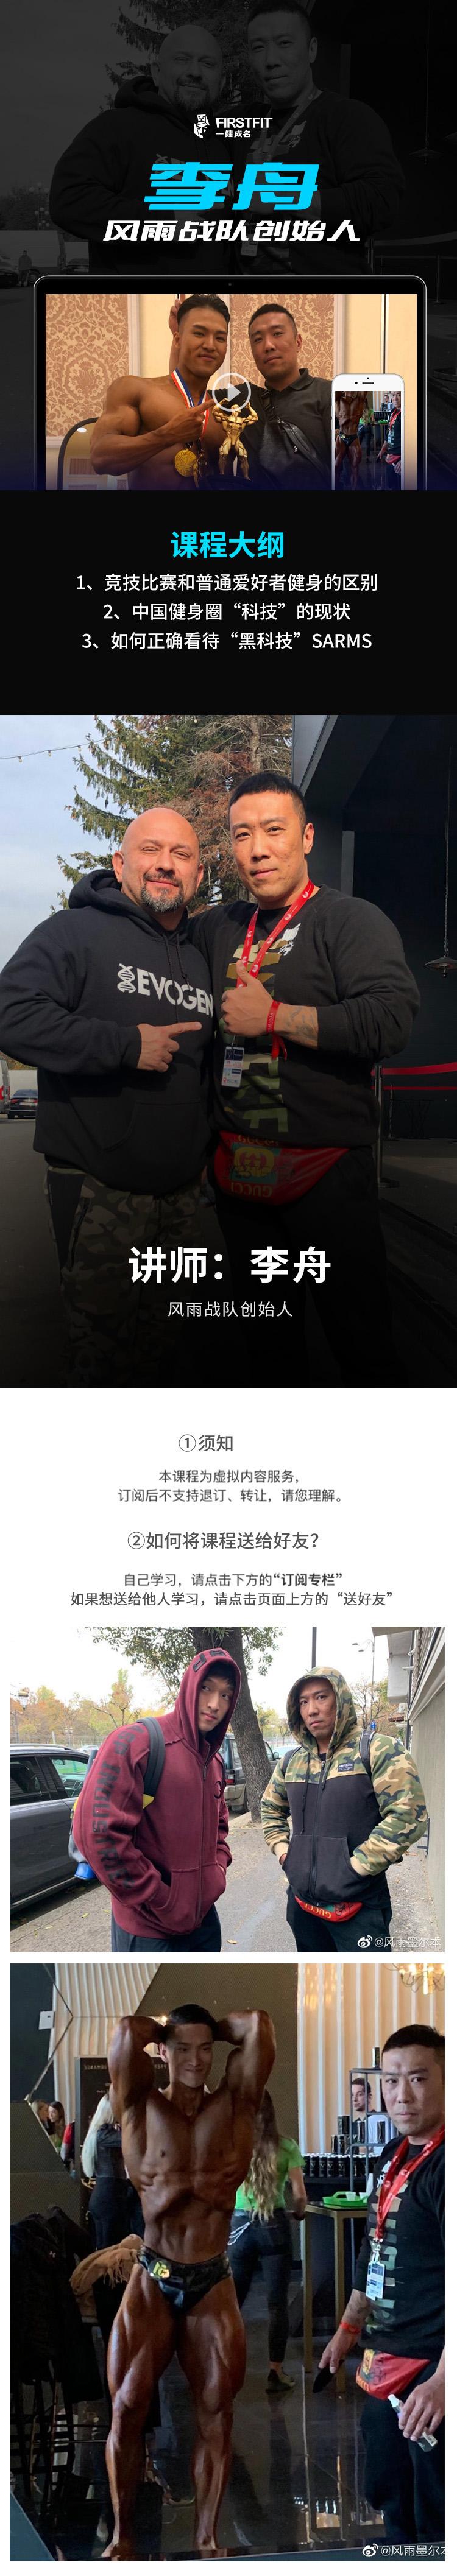 李周视频详情.jpg